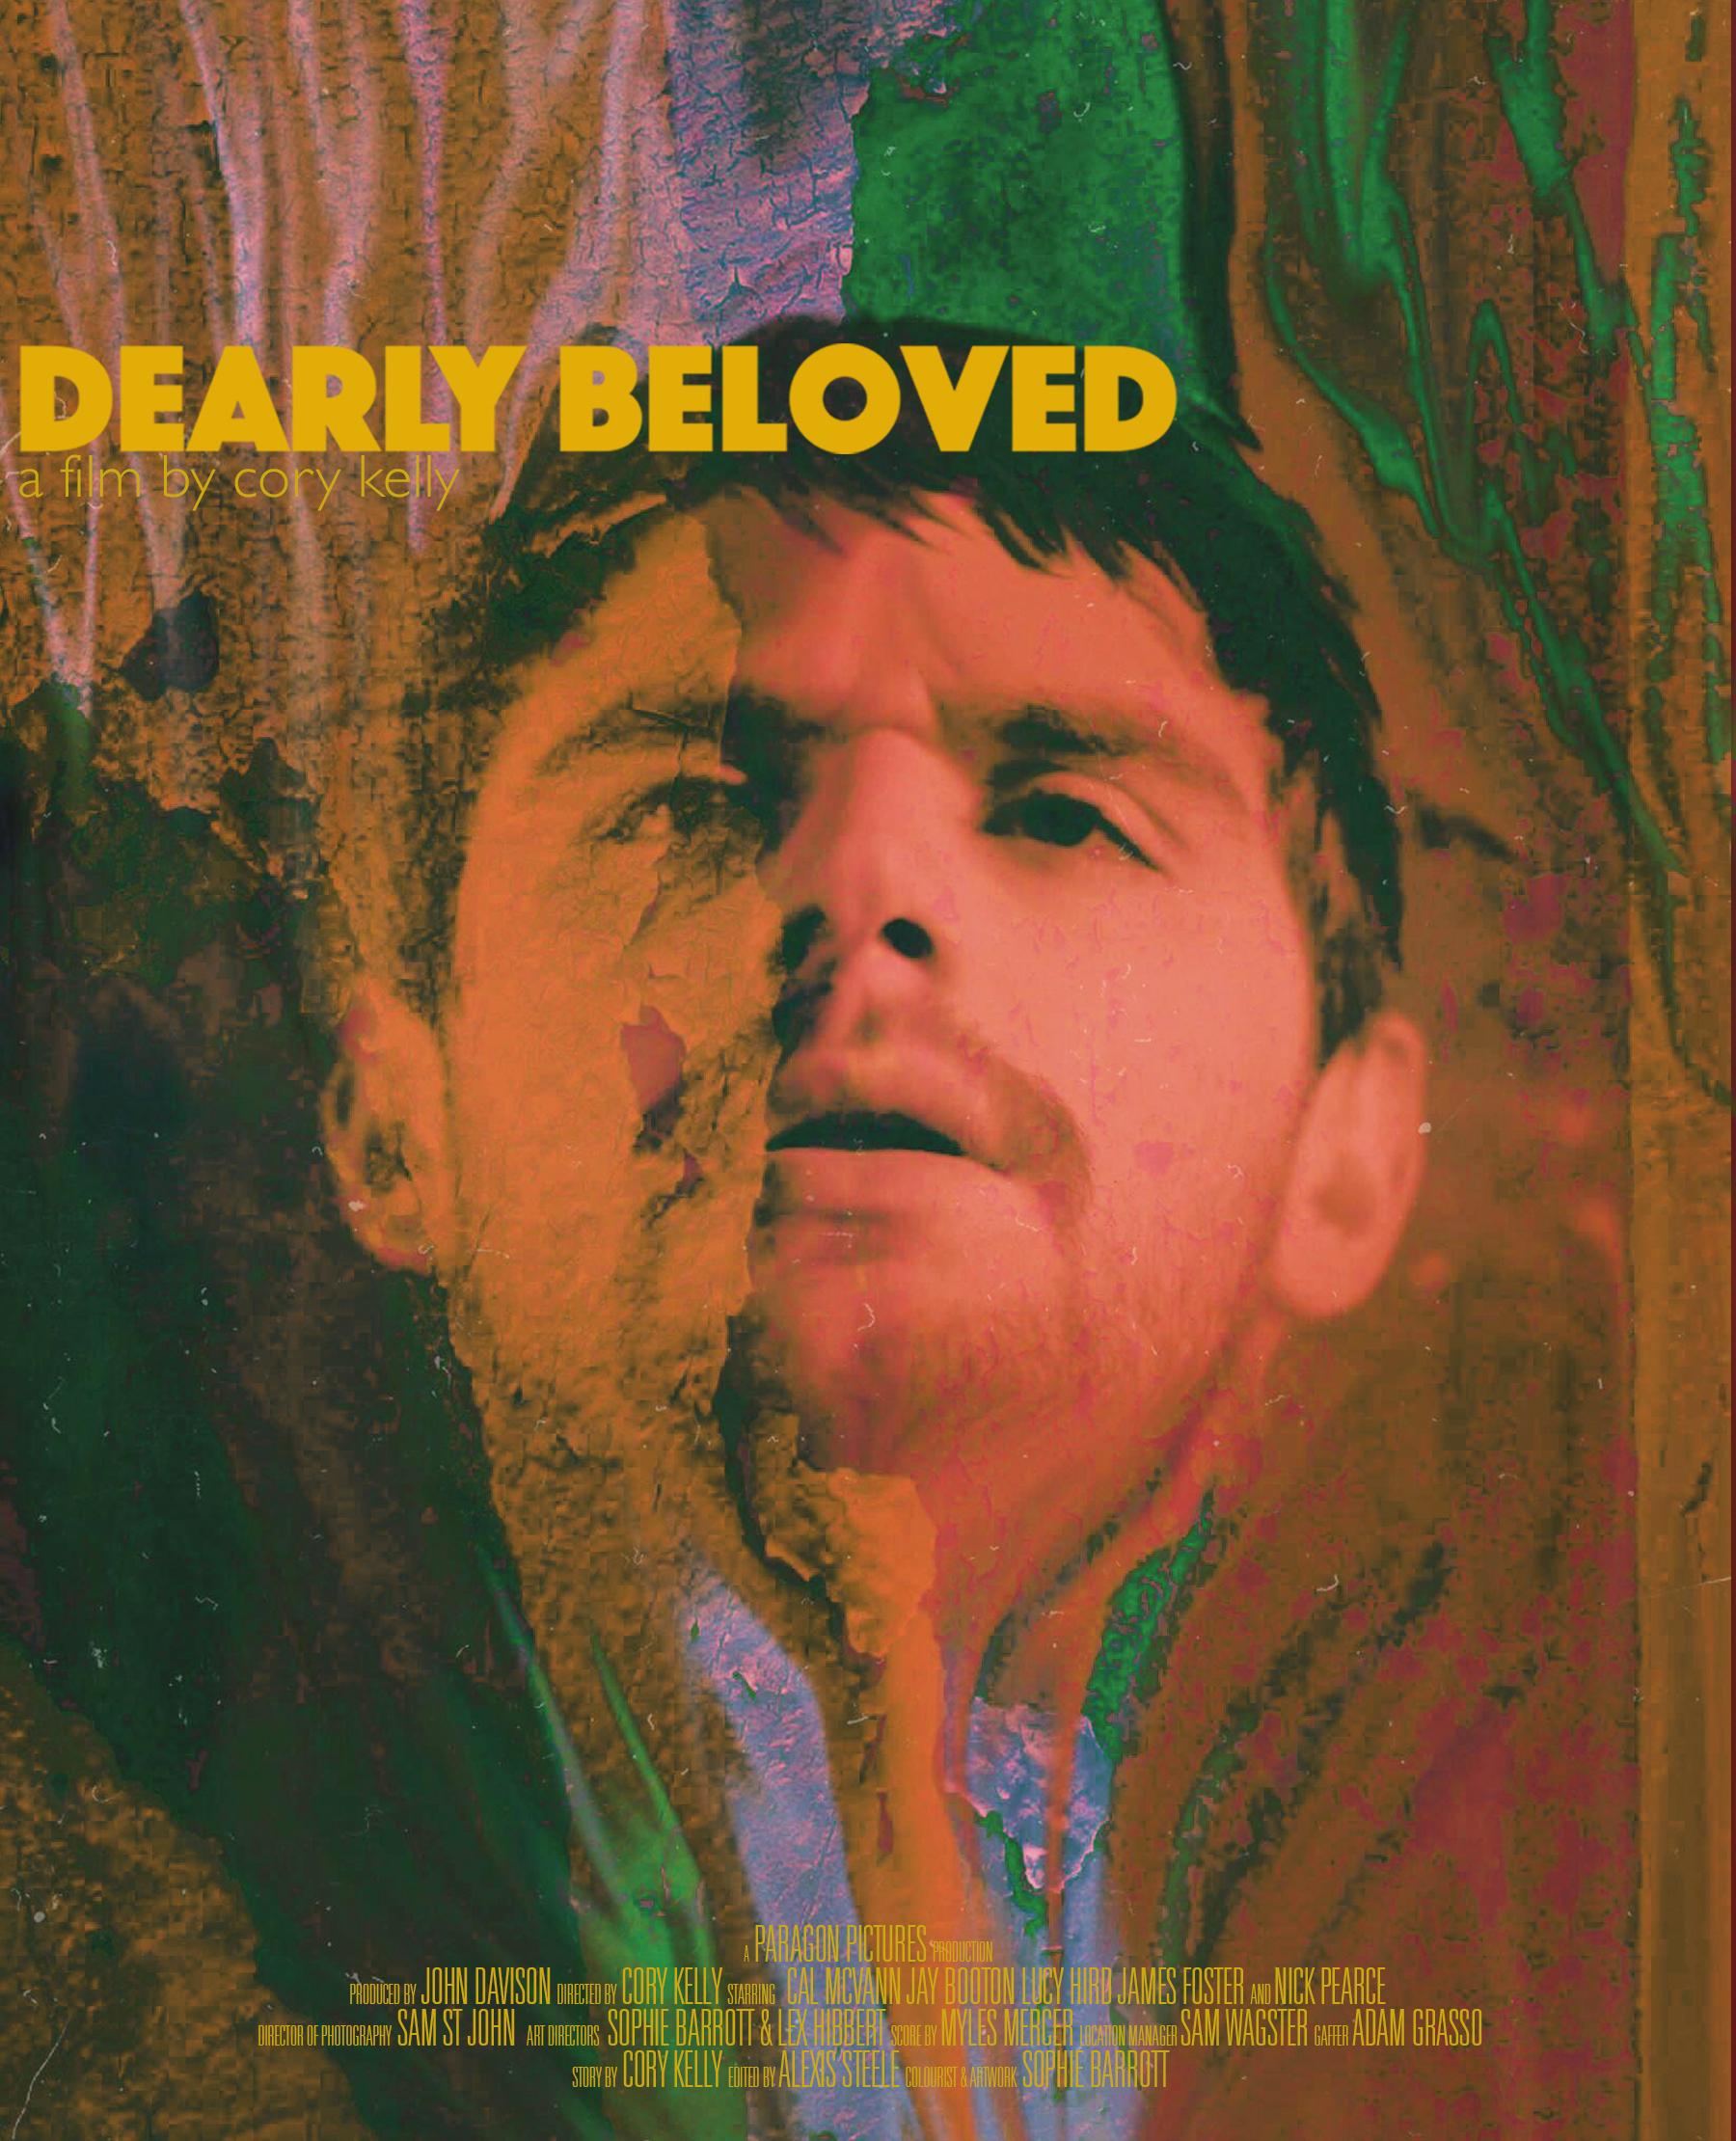 DEARLY BELOVED | Poster Design